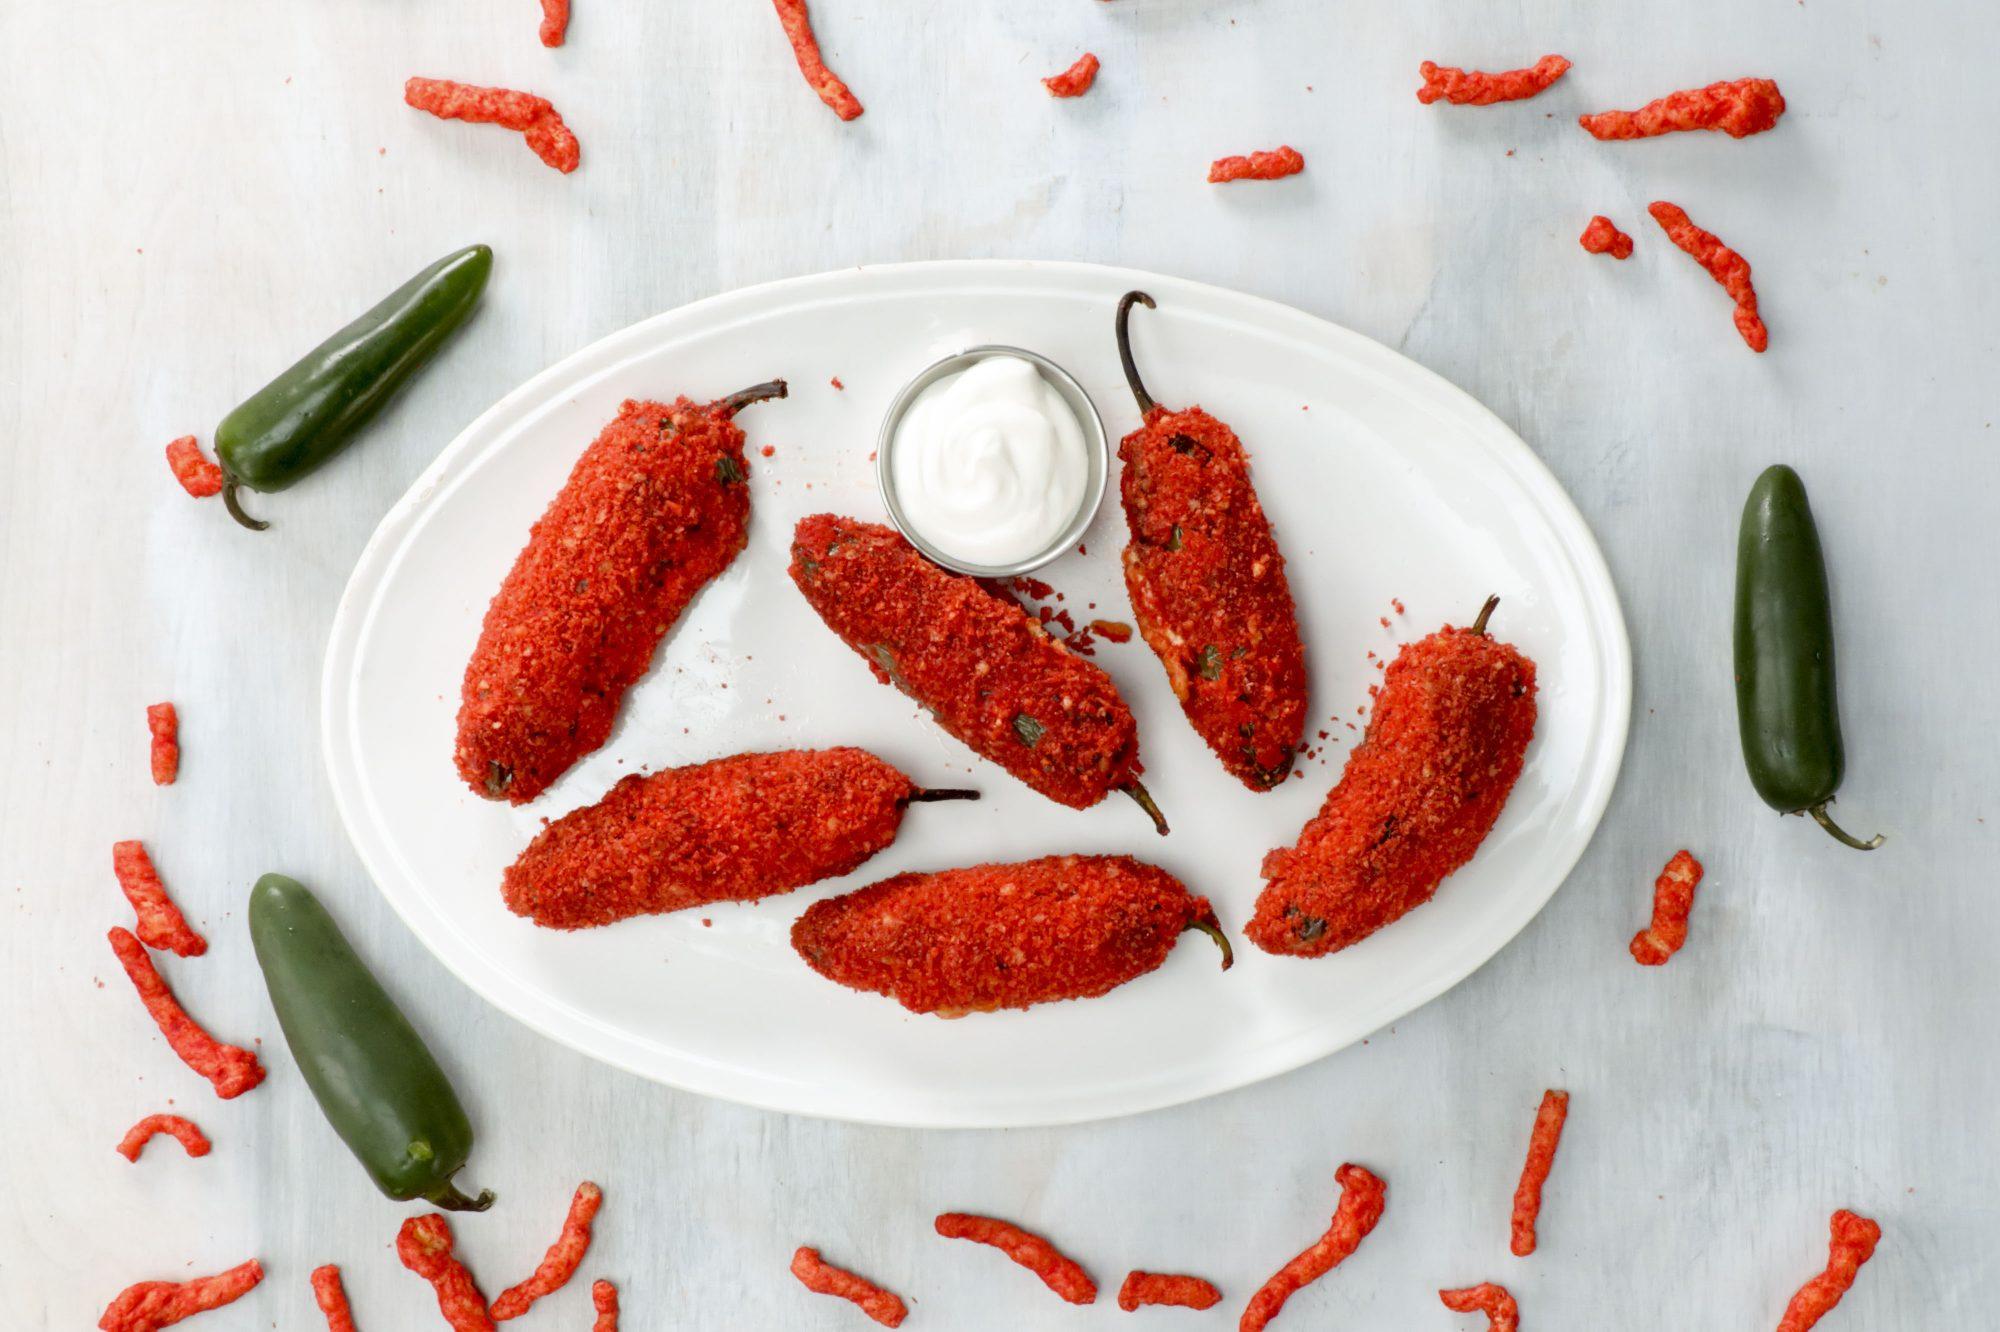 Flamin' Hot Cheetos Stuffed Jalapeños image